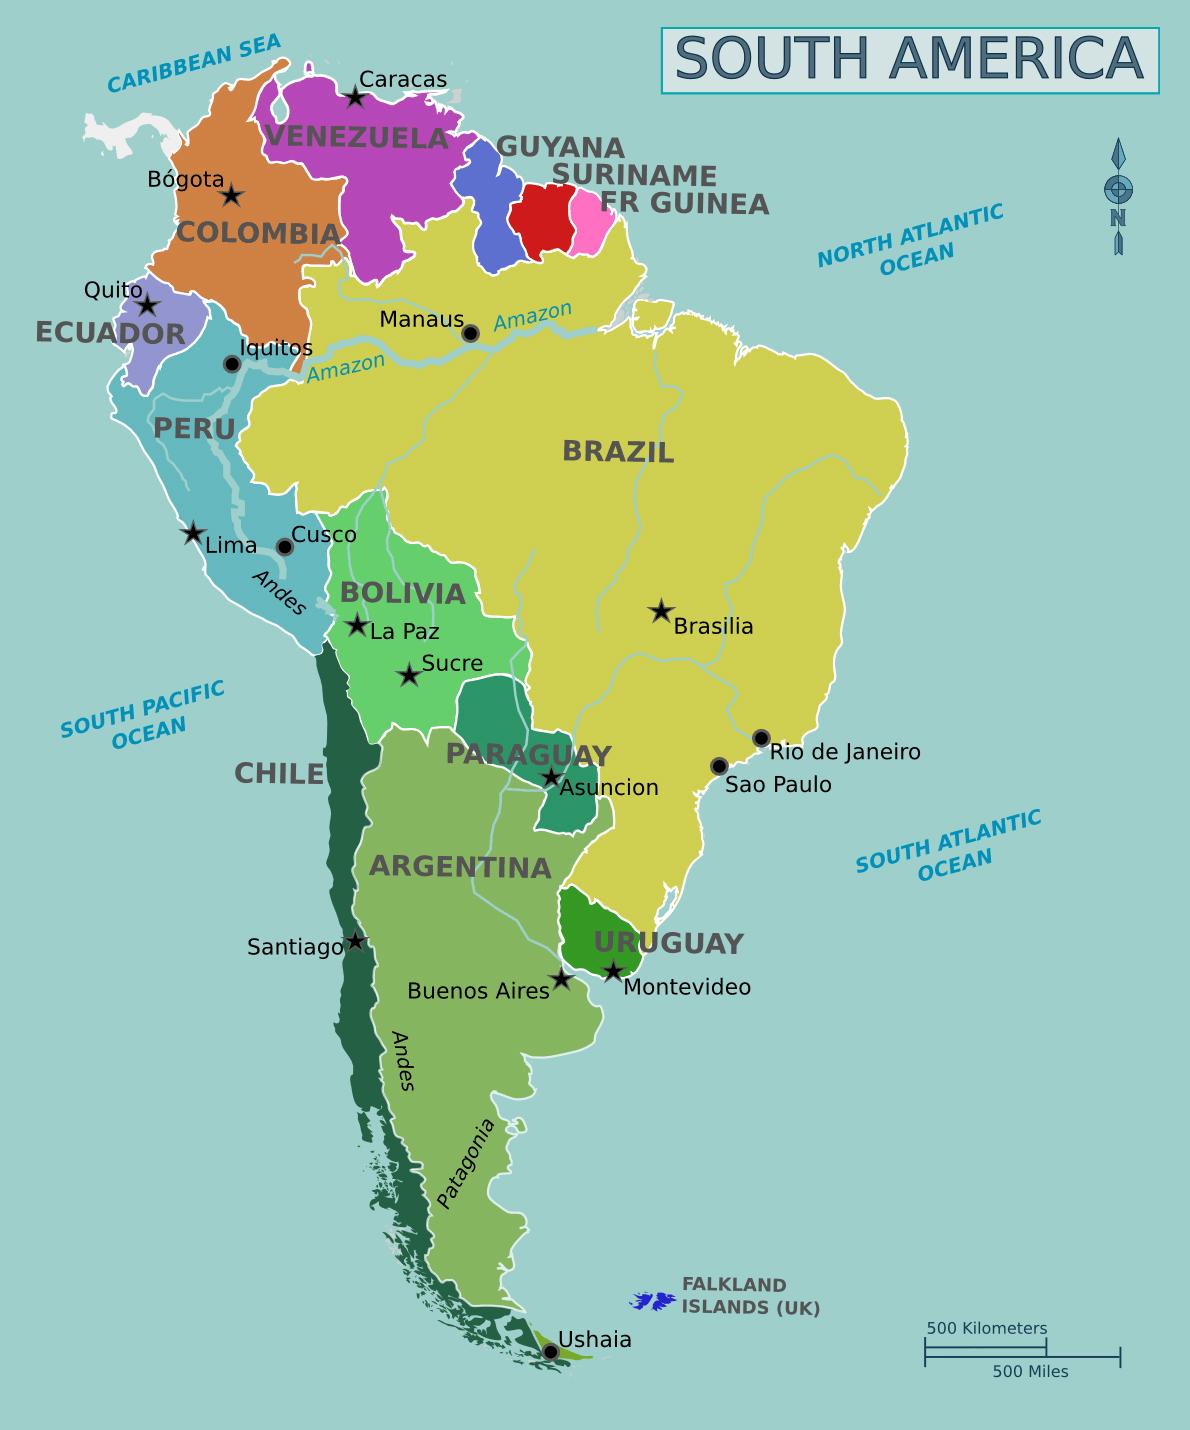 Arjantinin görme alanları: açıklamalar, fotoğraf